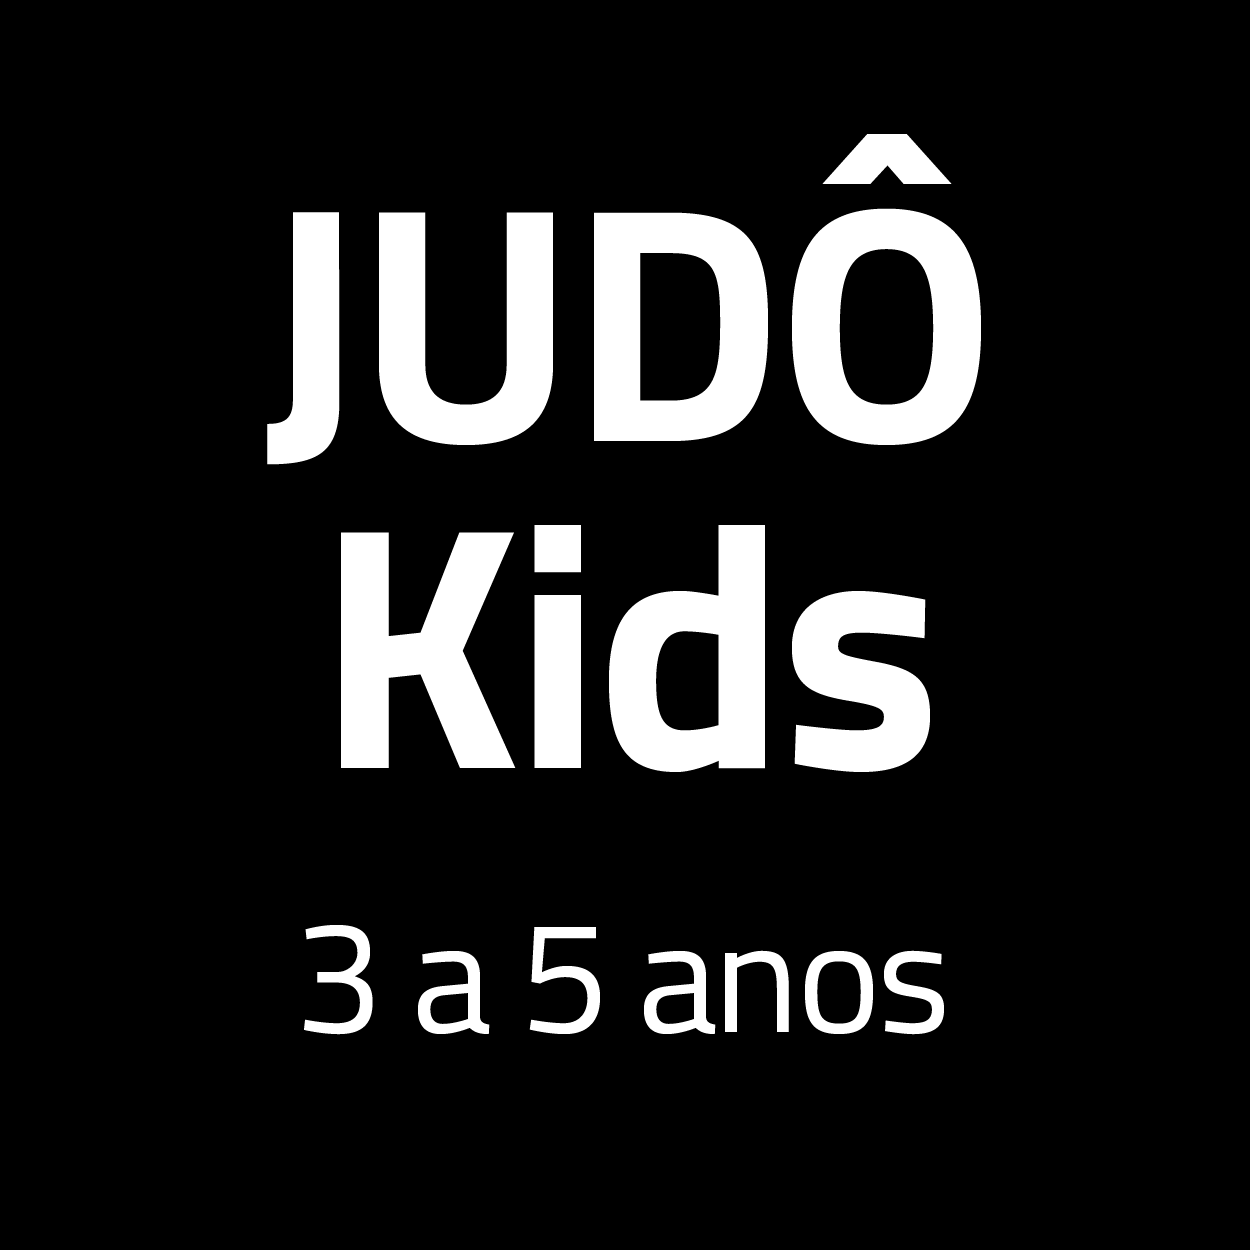 Judô Kids 3 à 5 anos